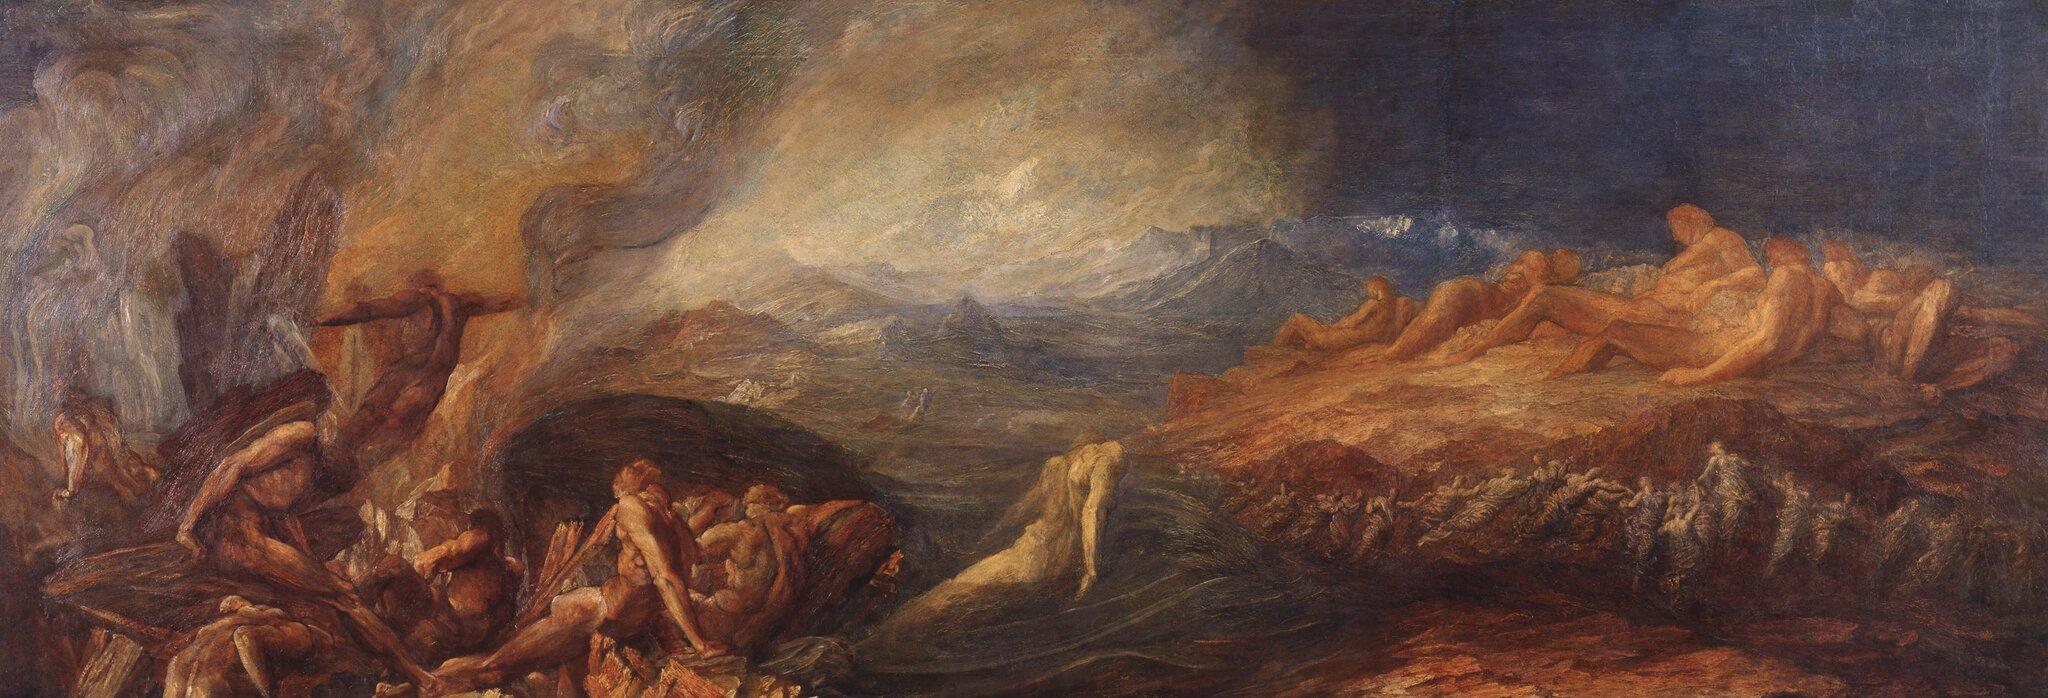 Chaos Źródło: George Frederic Watts, Chaos, ok. 1875, olej na płótnie, Tate Britain, domena publiczna.